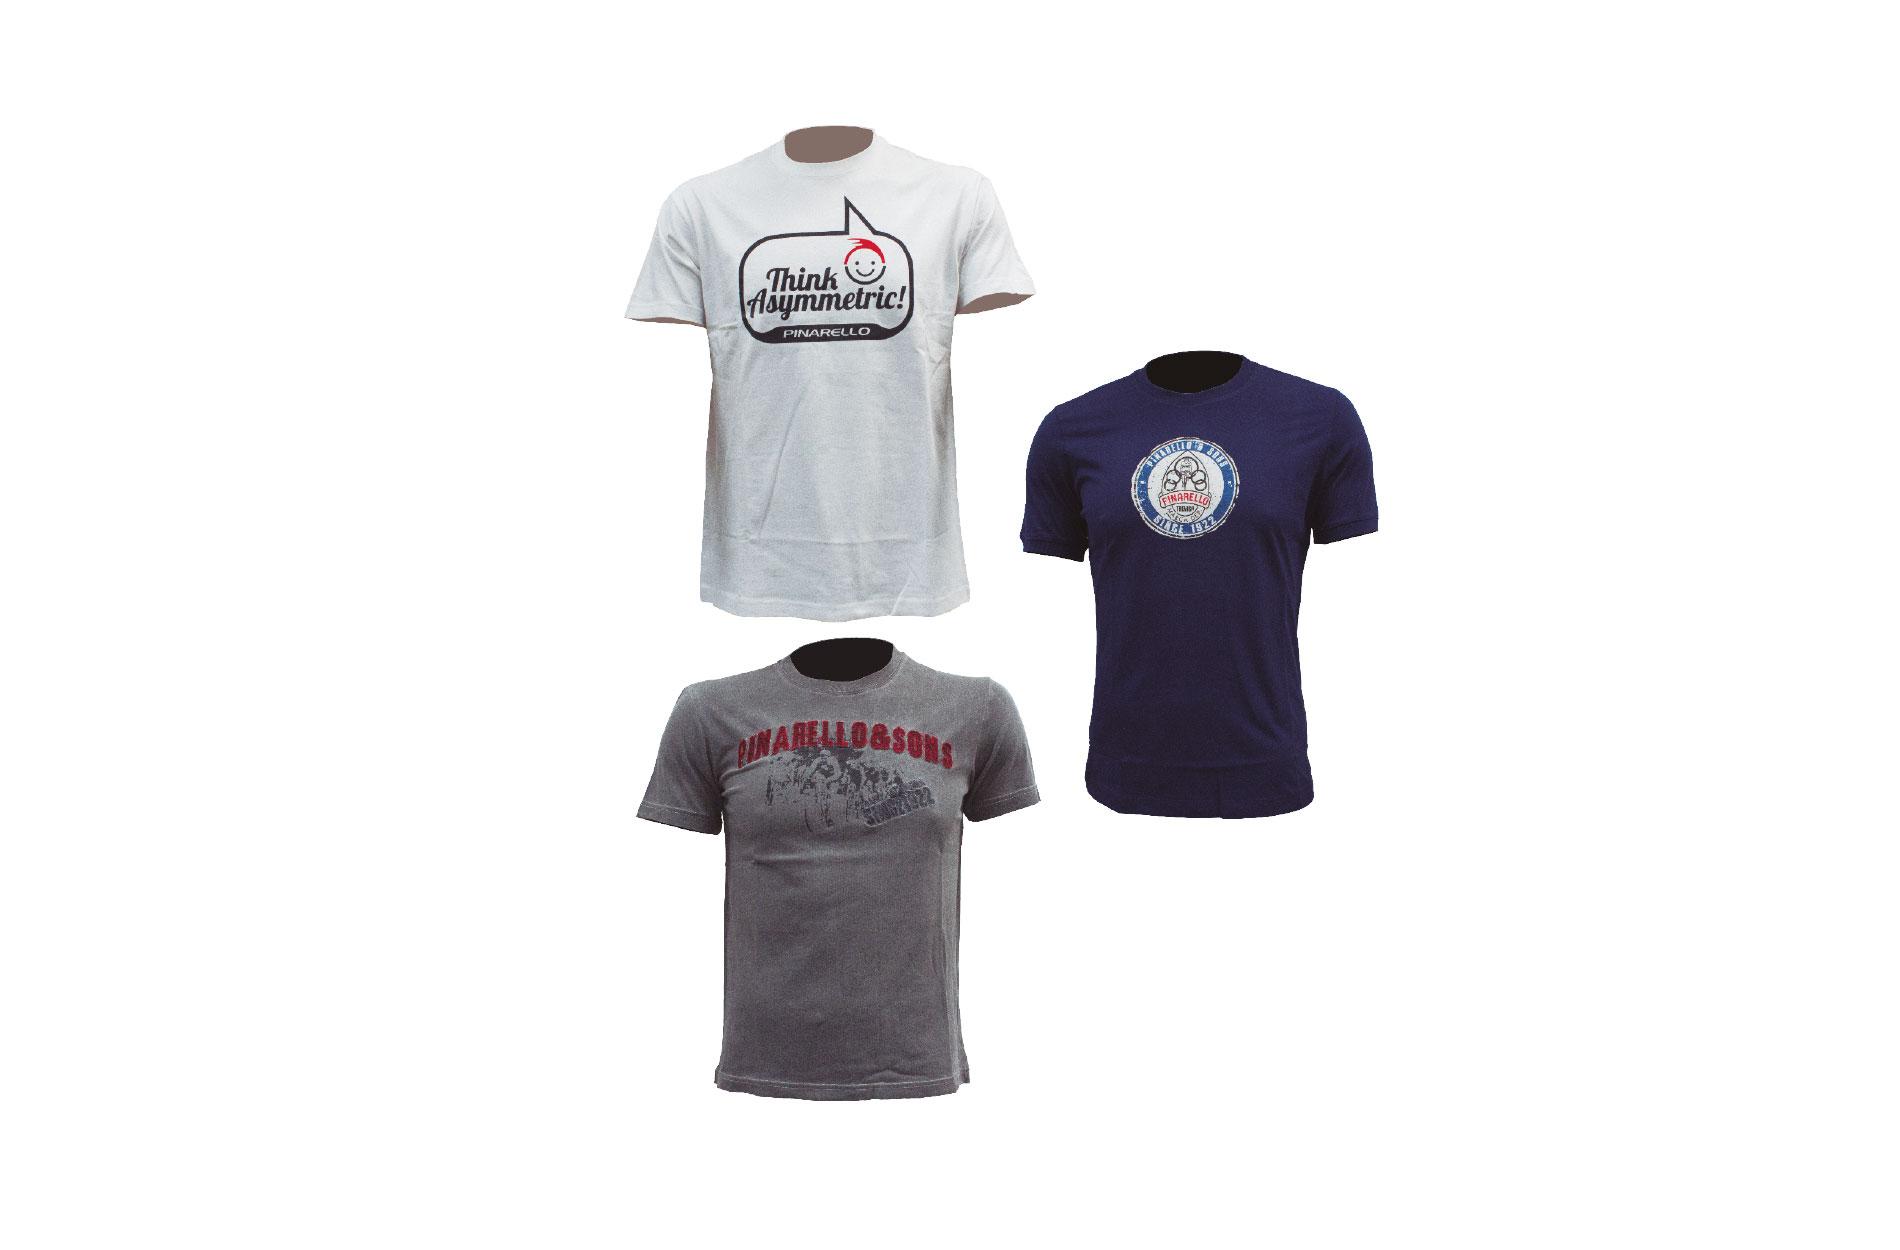 PINARELLO_Camisetas